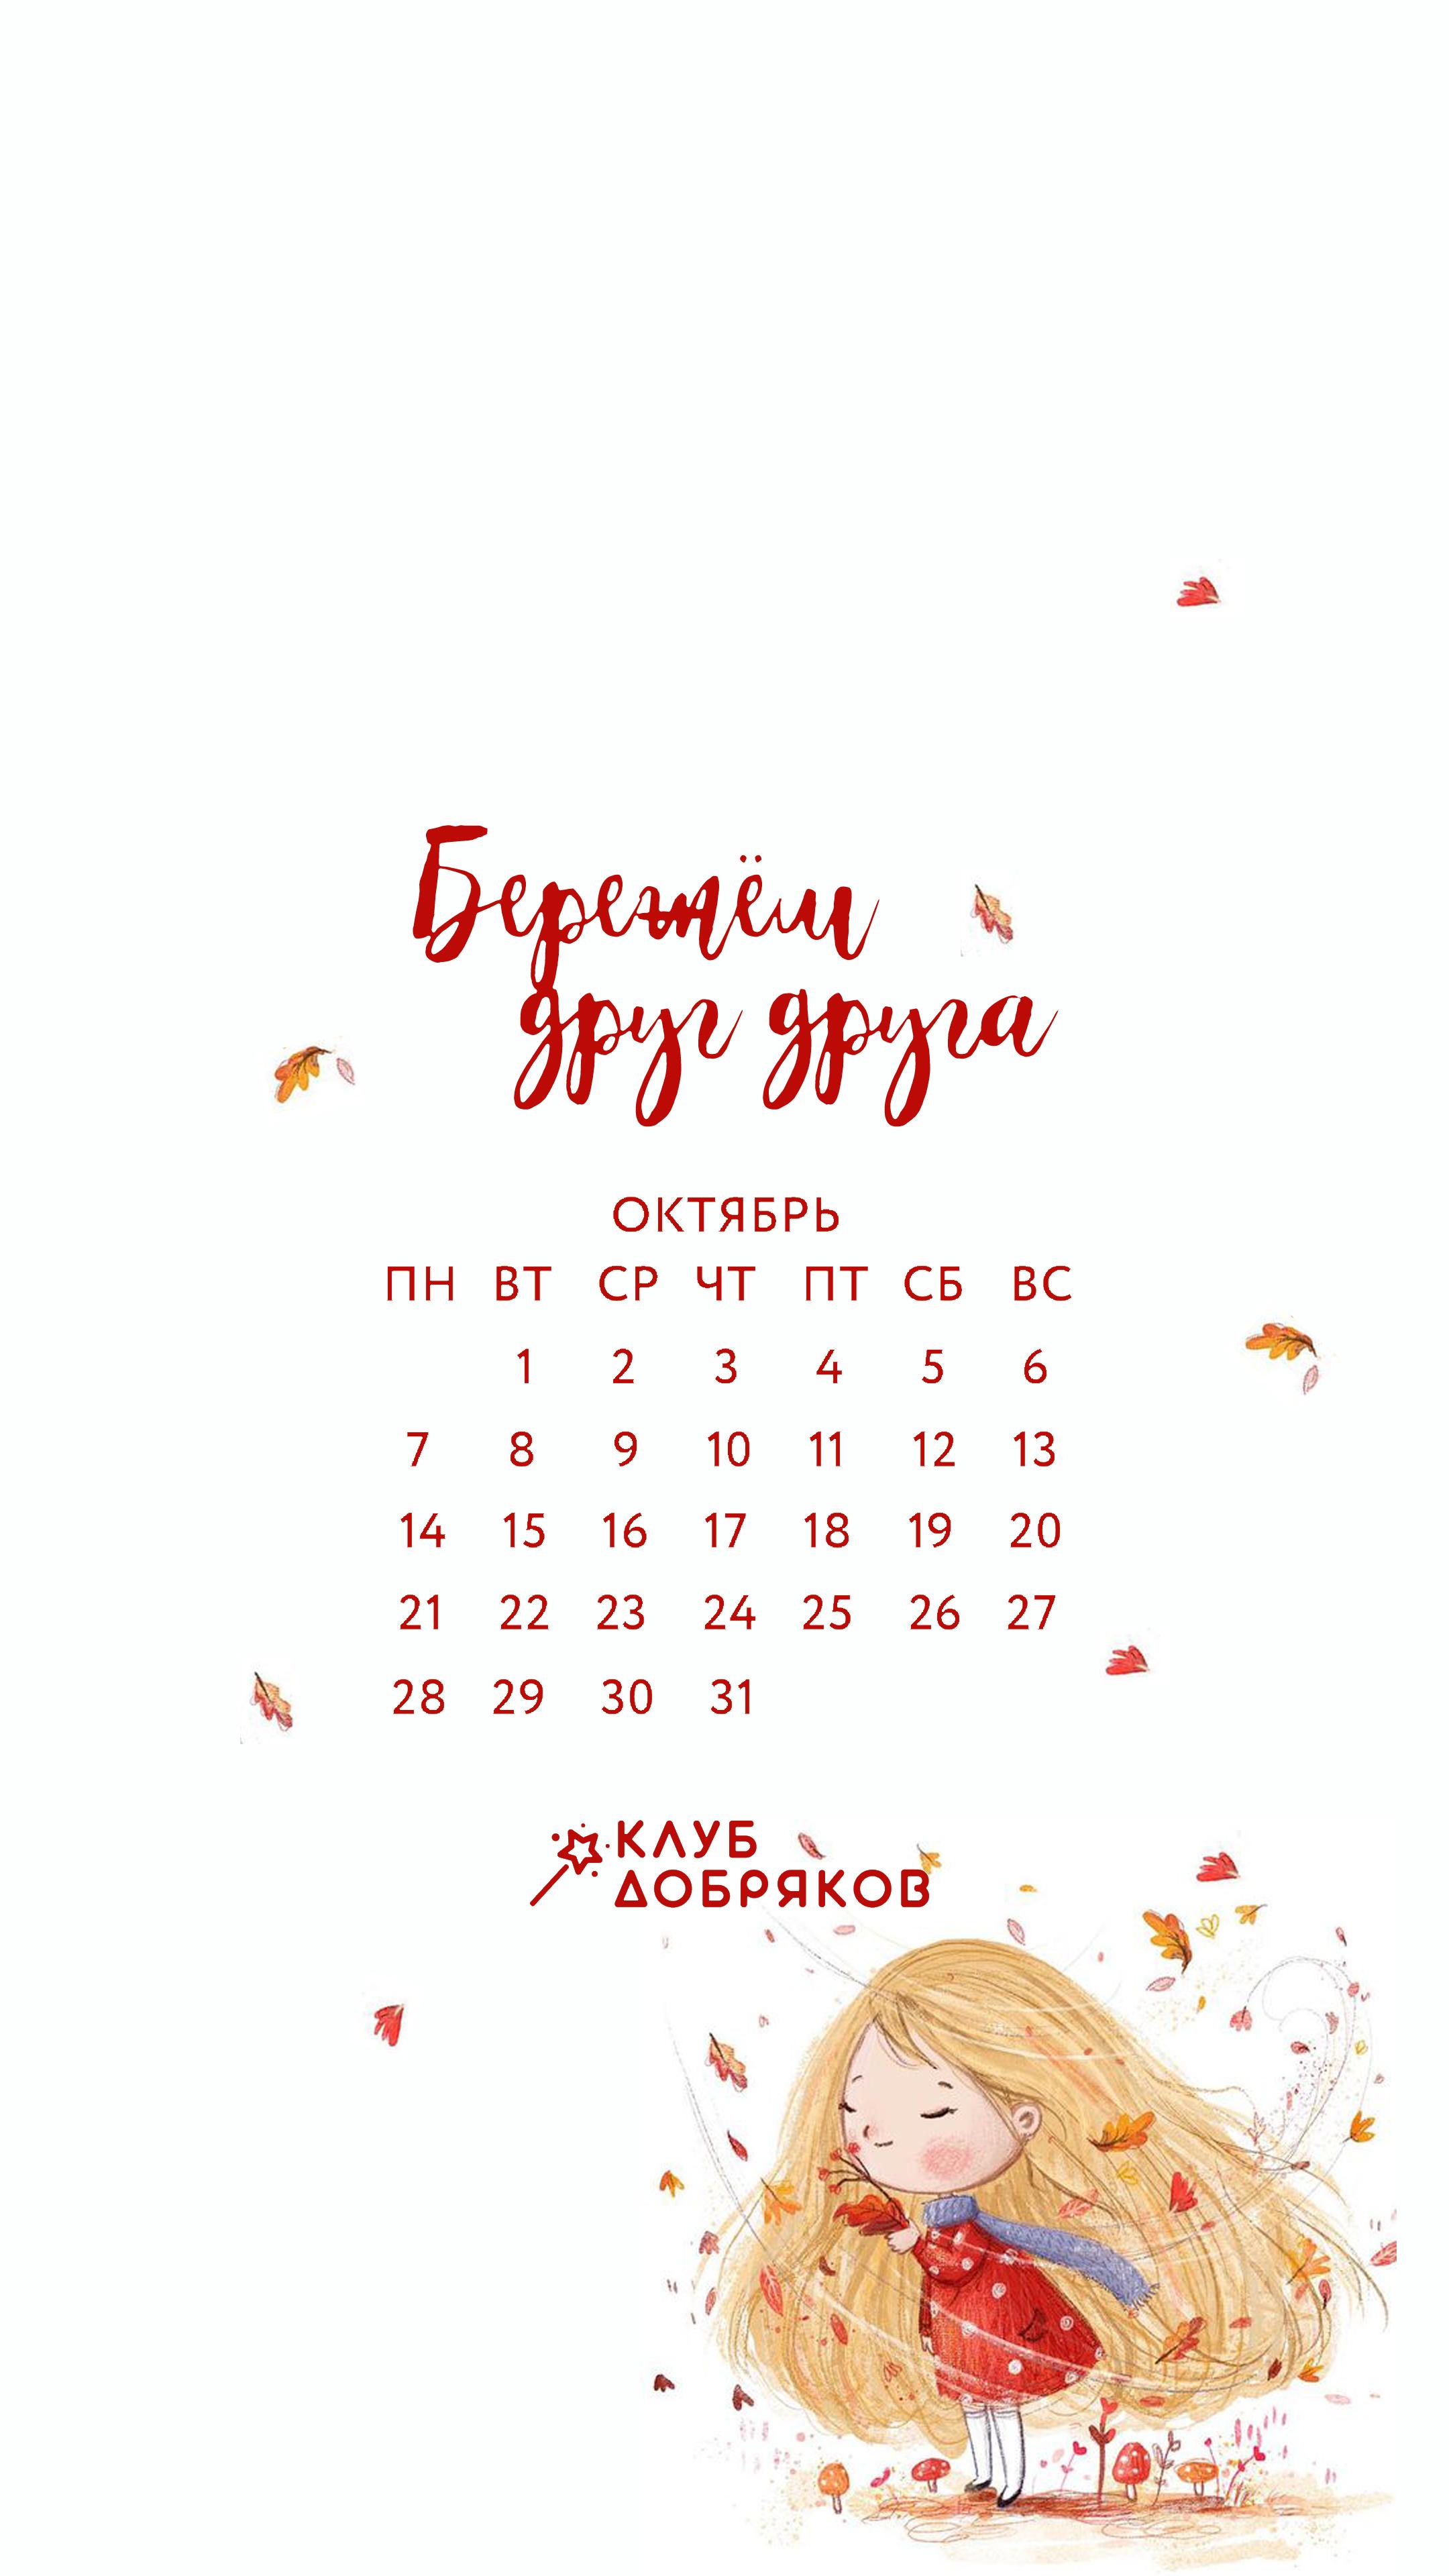 Октябрьские заставки для телефонов от Клуба добряков